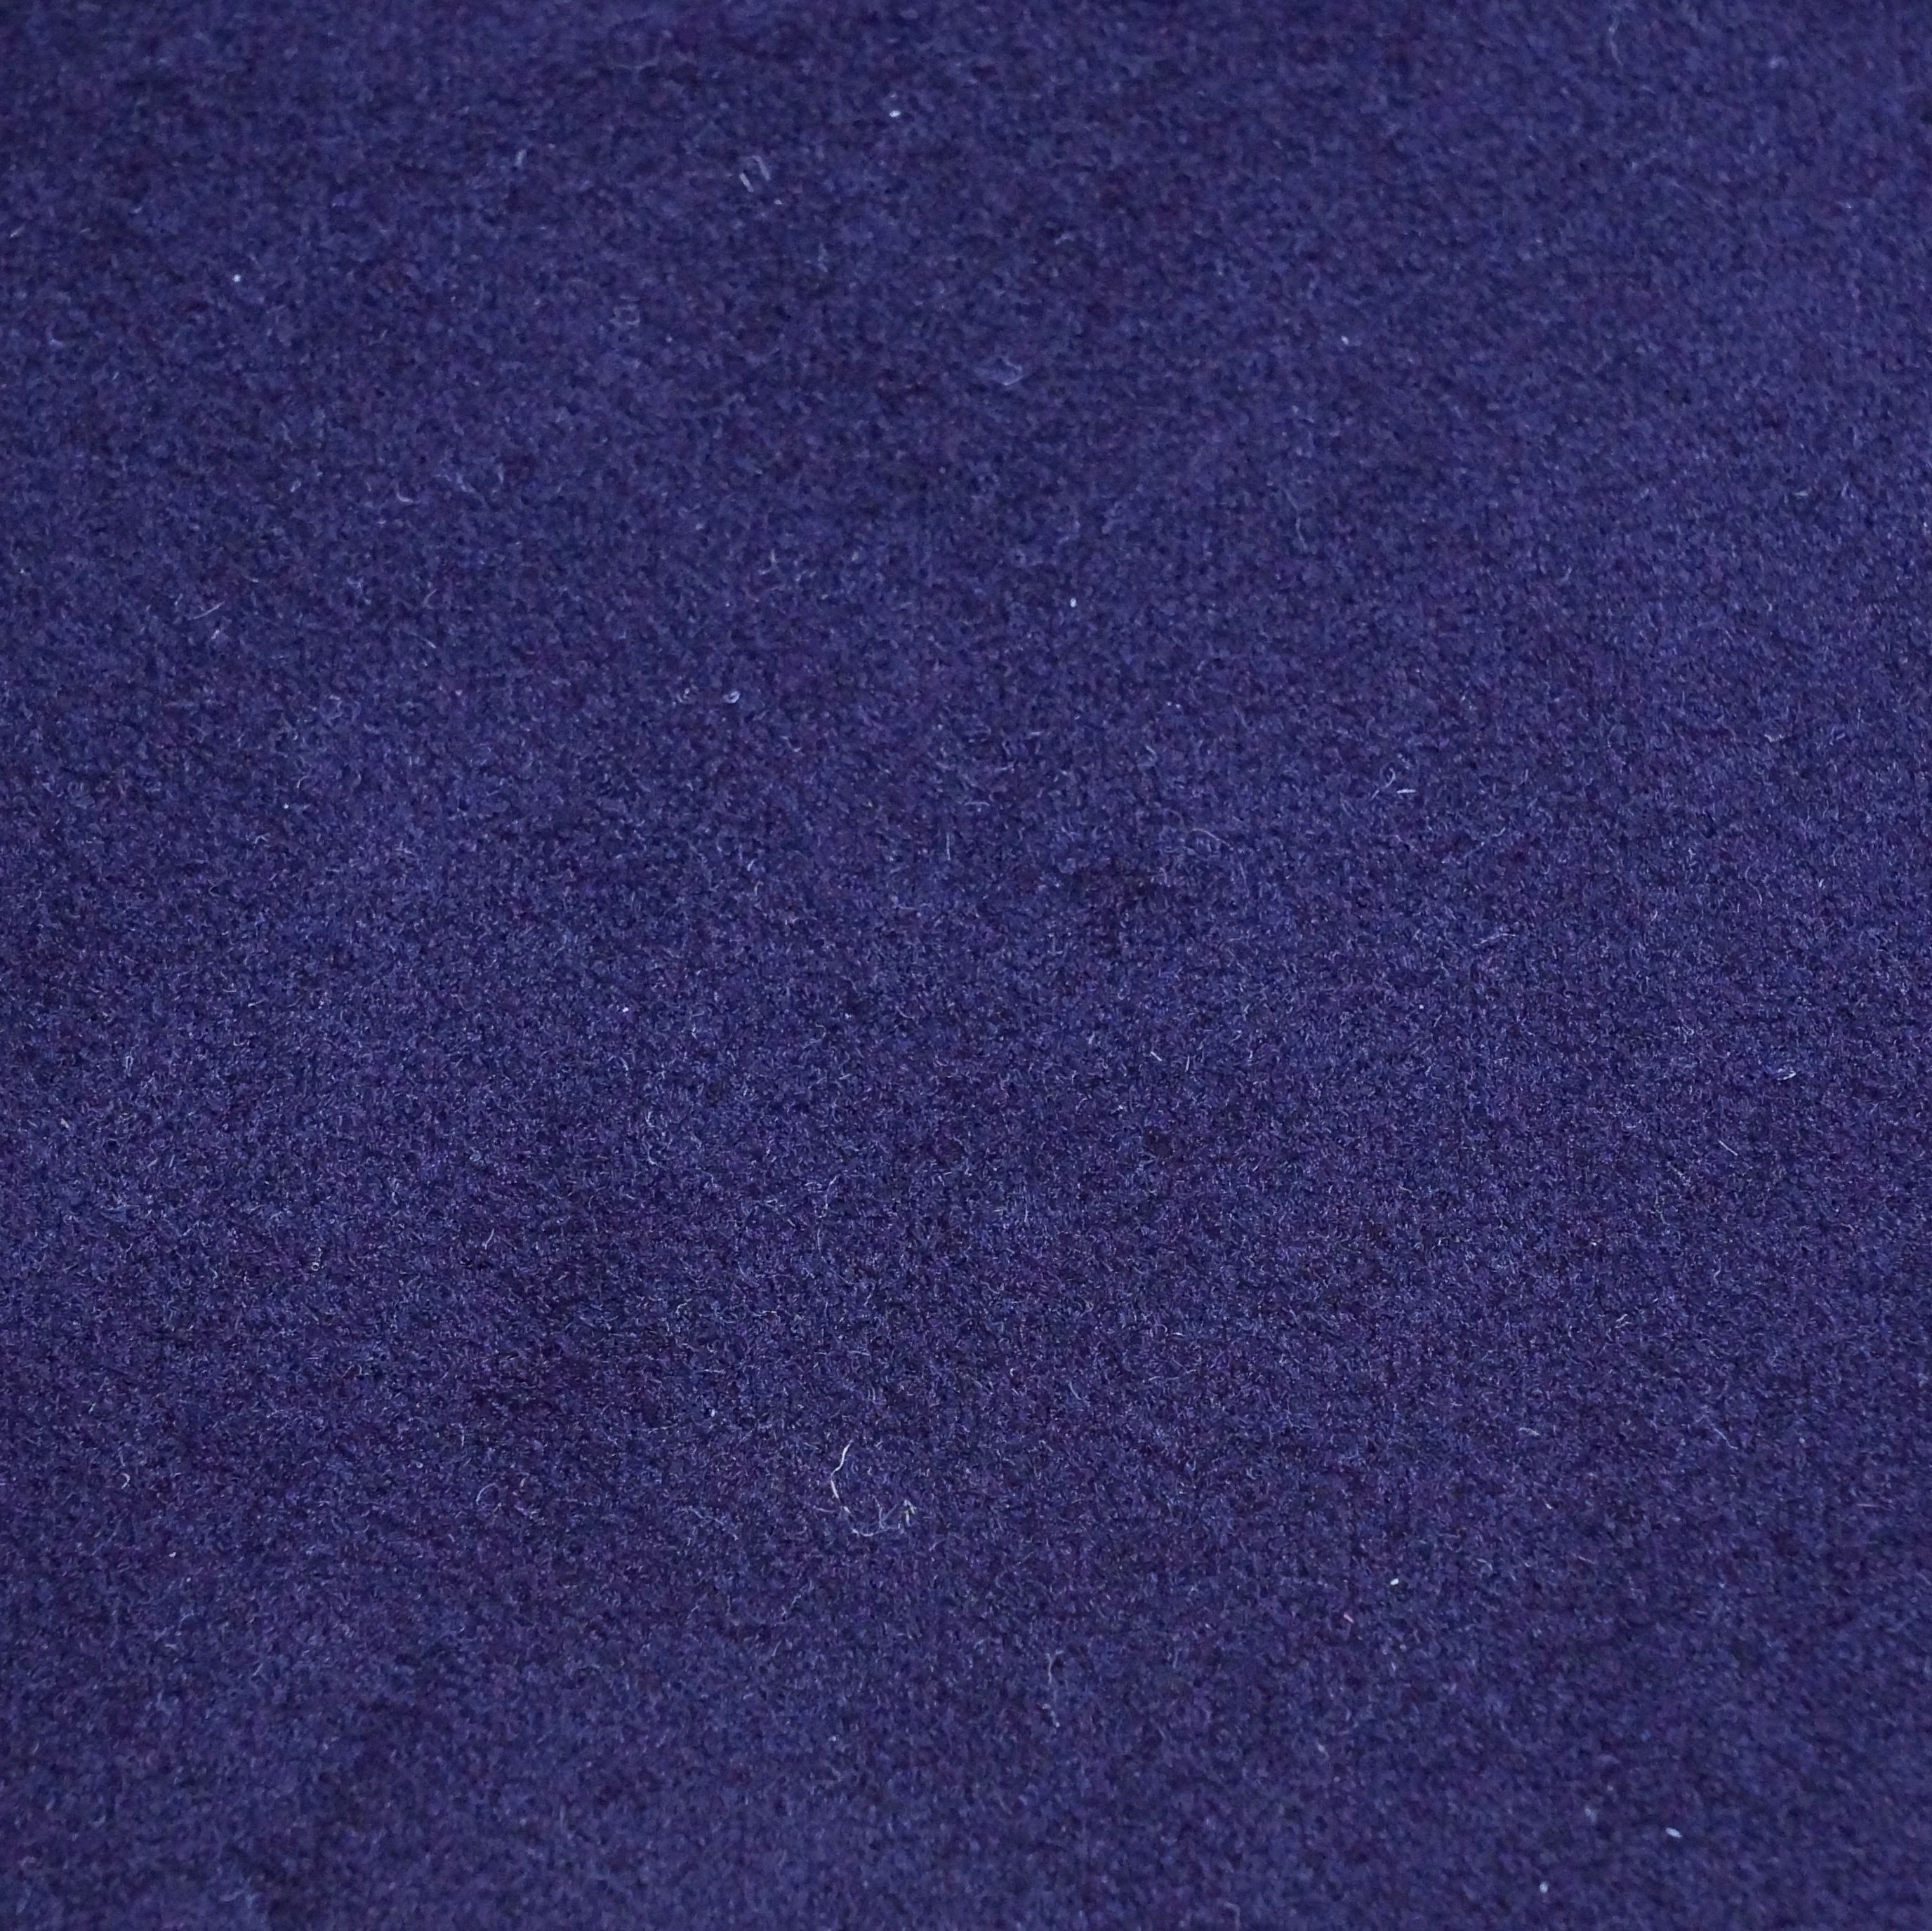 Velours - Bleu Nuit